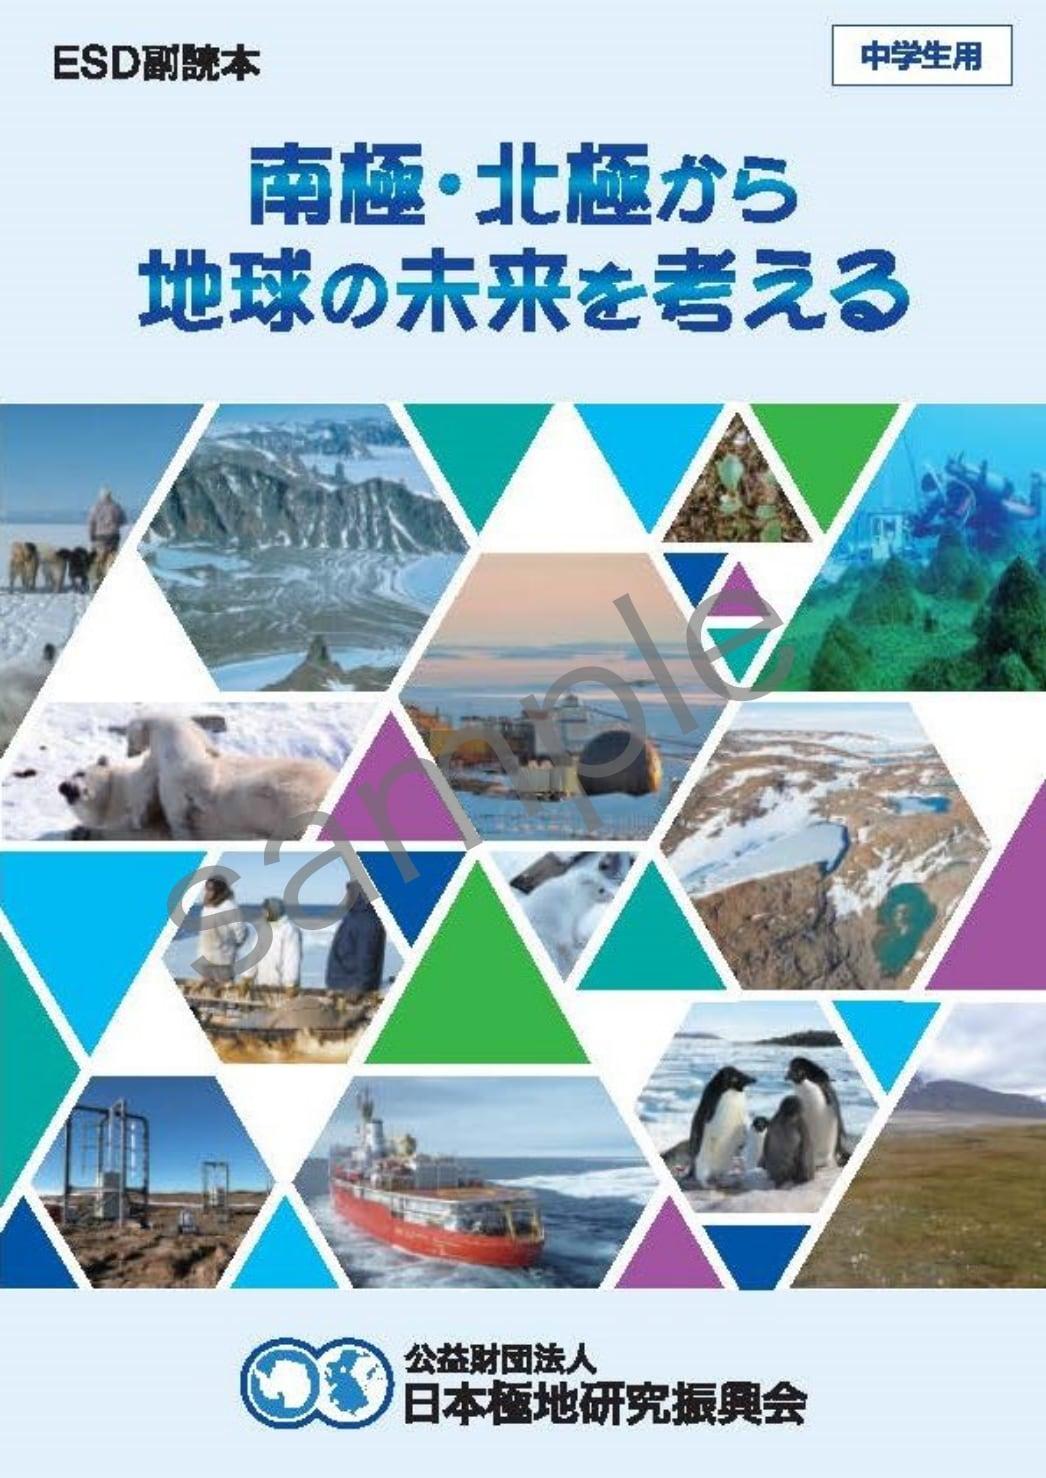 中学生用ESD副読本「南極・北極から地球の未来を考える」